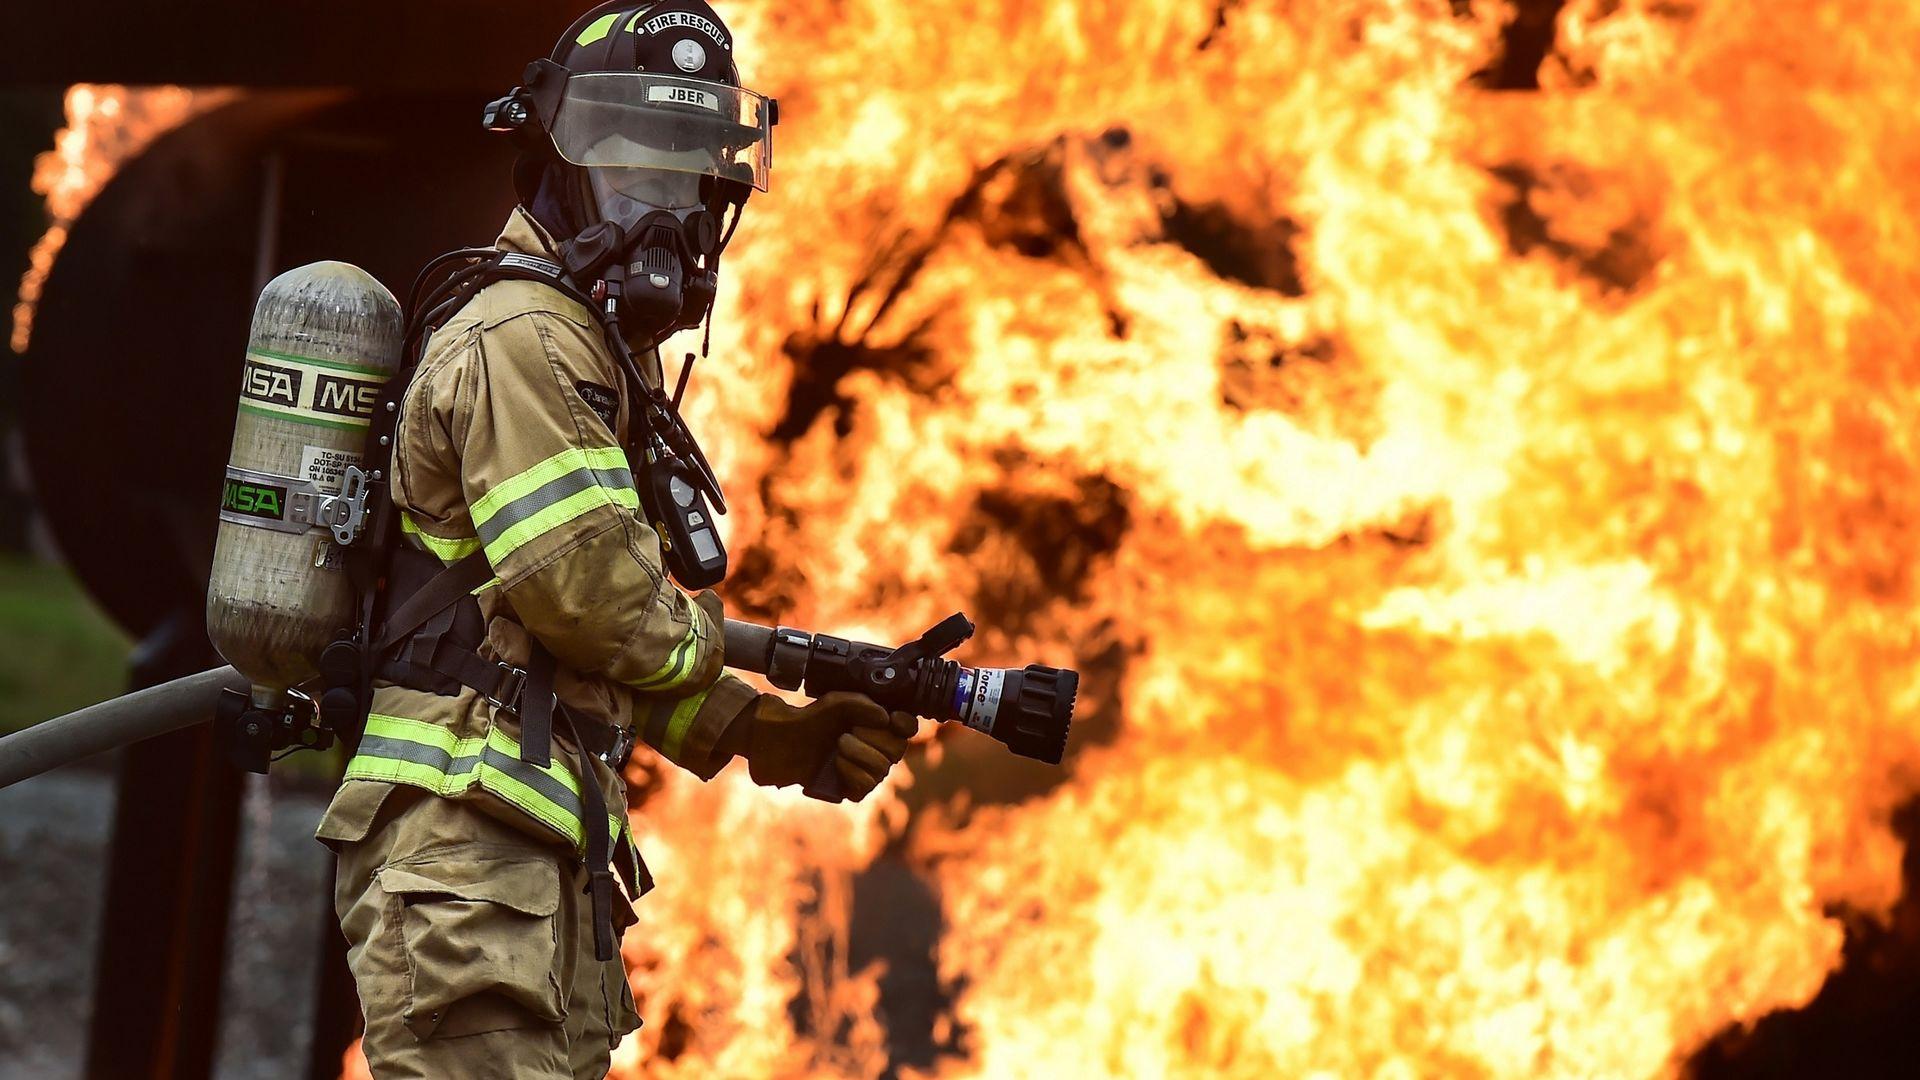 消防考试教材不断变化到底学什么最有用?2019最新消防教材变化预测